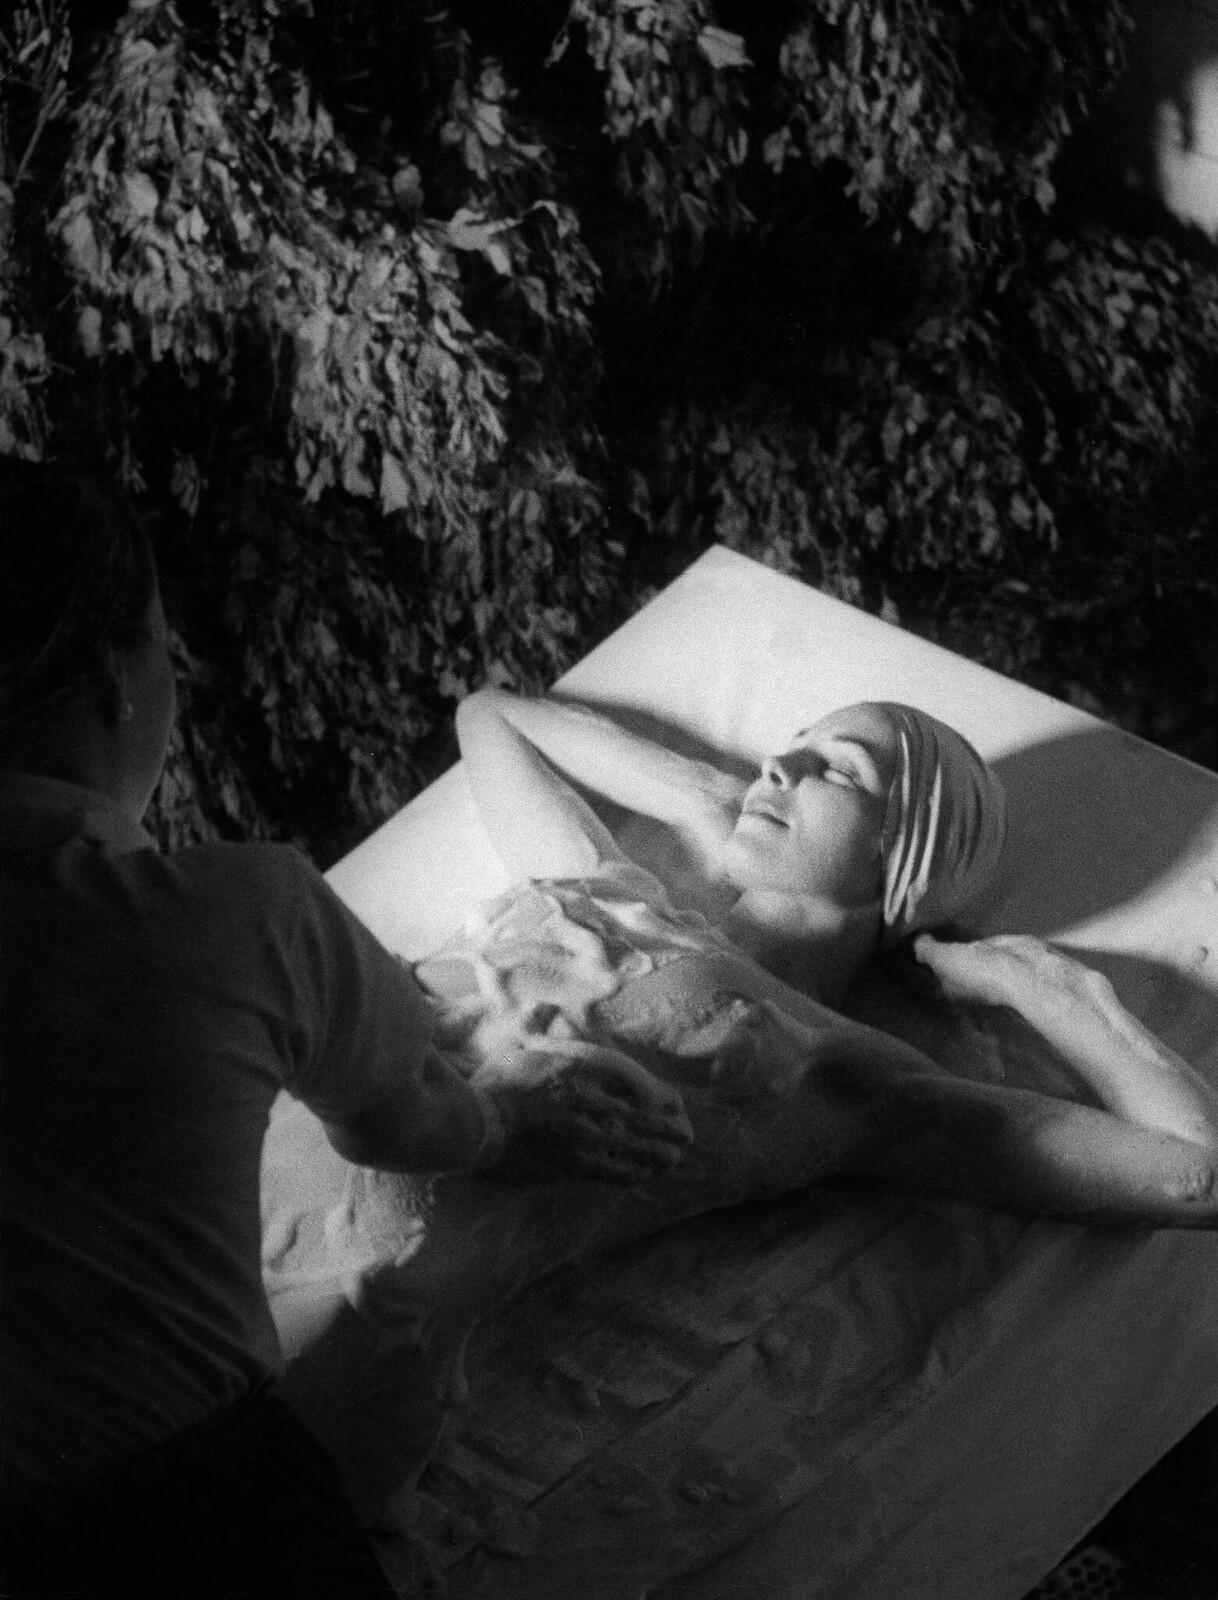 07. Женщине делают массаж с мыльной пеной в сауне